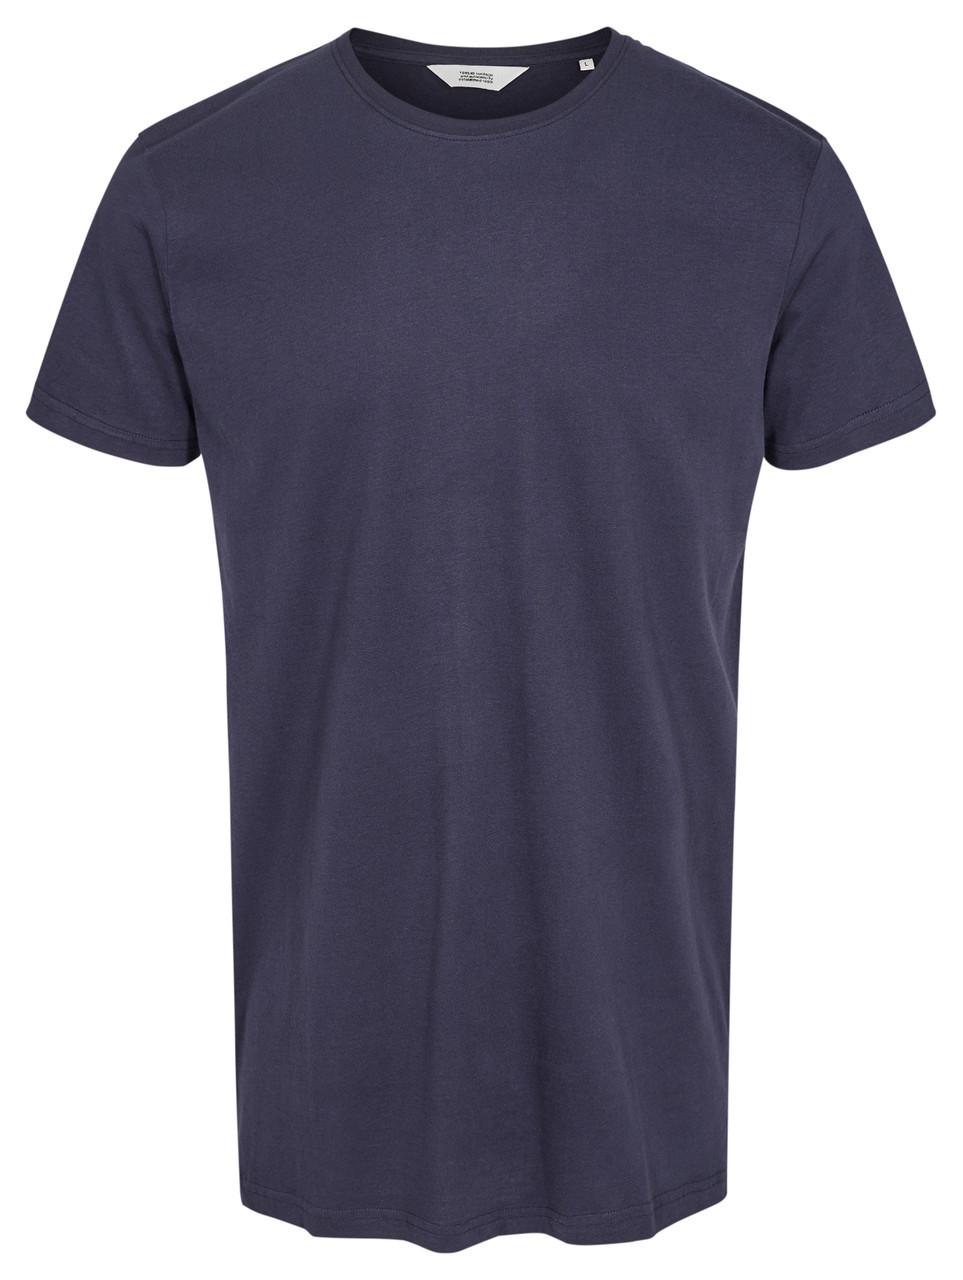 Чоловіча футболка Anton від !Solid в розмірі L